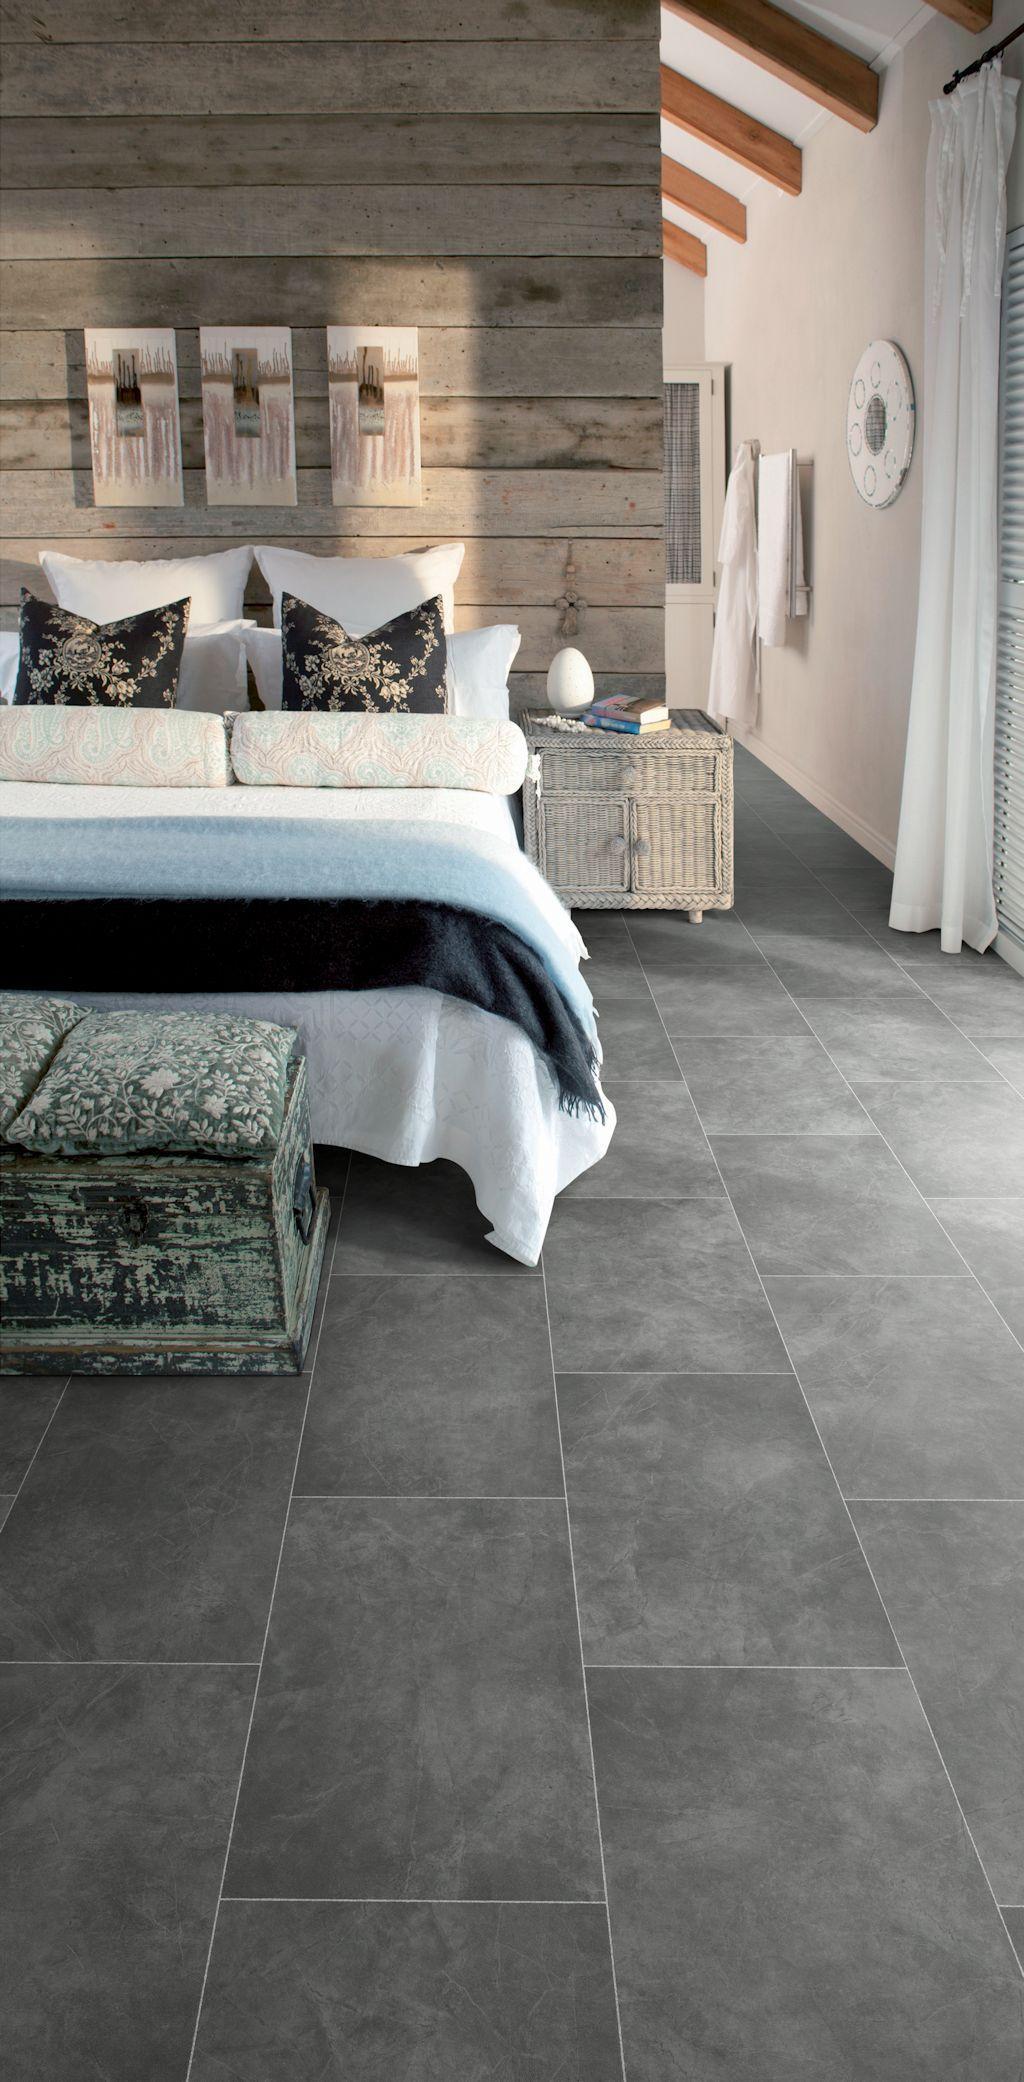 Bedroom Featuring Secura Pur Luxury Vinyl Sheet Flooring In Plymouth Slate Vinyl Flooring Kitchen Vinyl Sheet Flooring Luxury Vinyl Tile Flooring